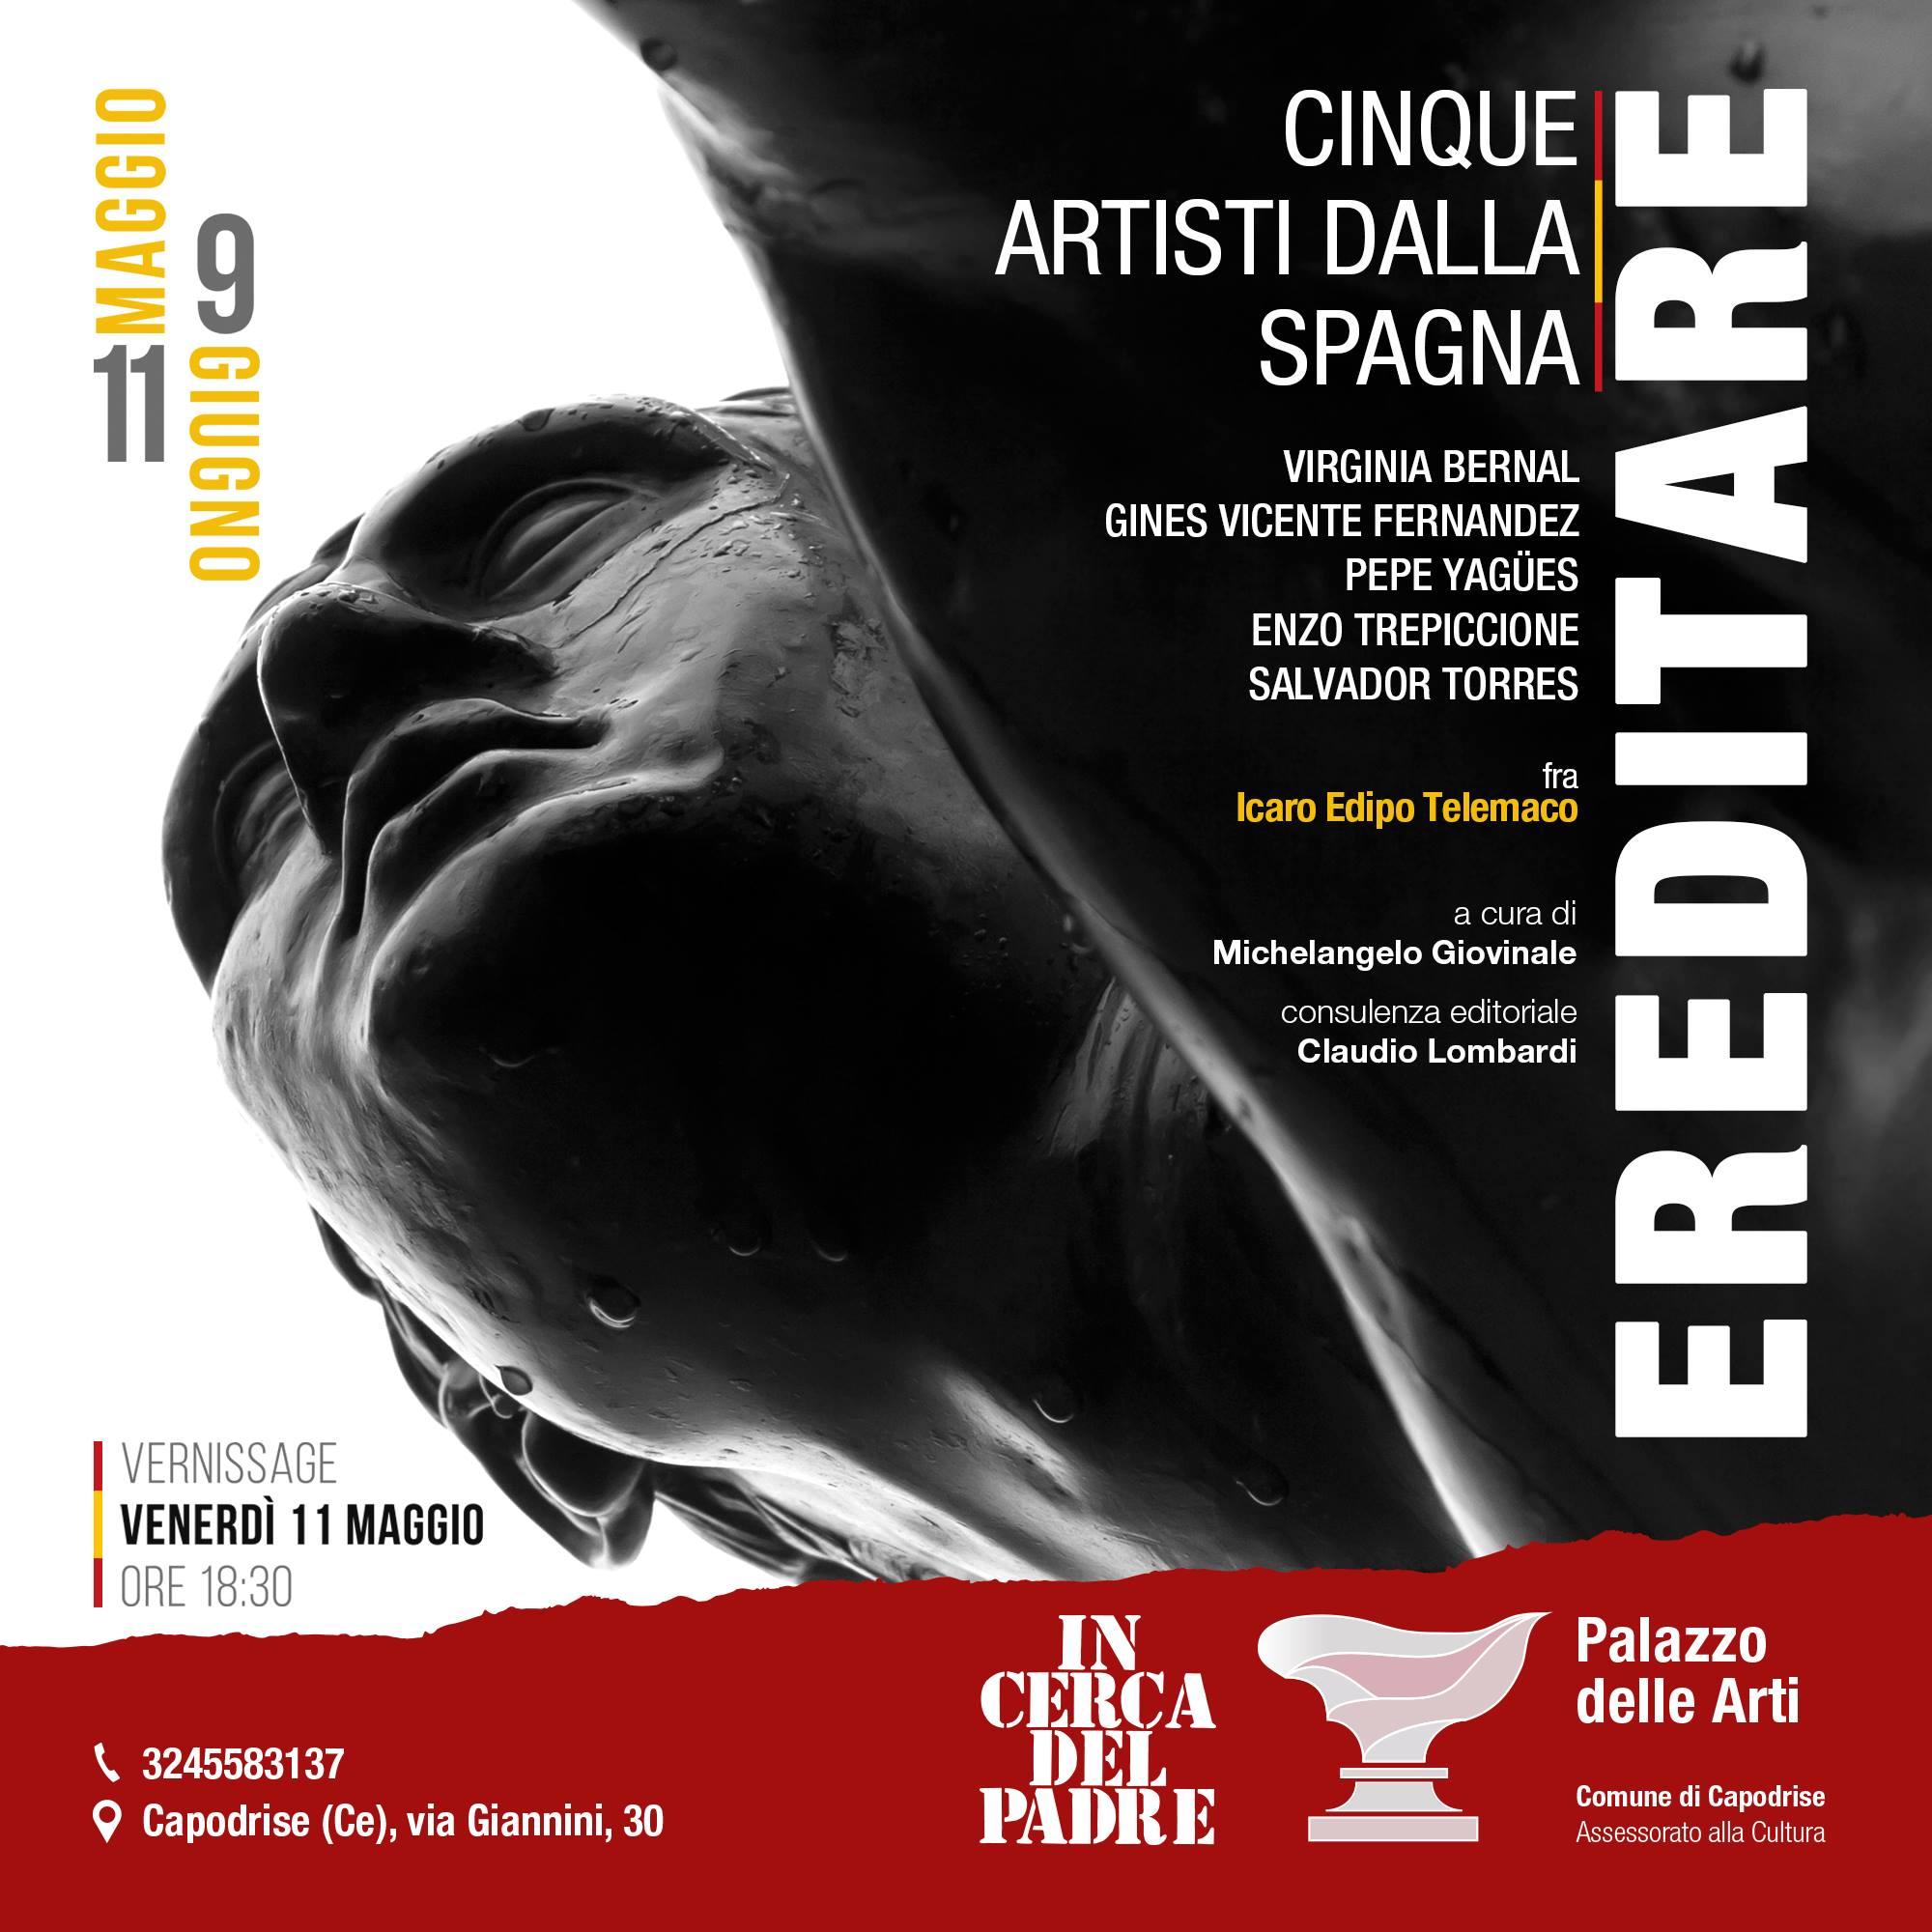 Ereditare  cinque artisti dalla Spagna fra Icaro Edipo e Telemaco